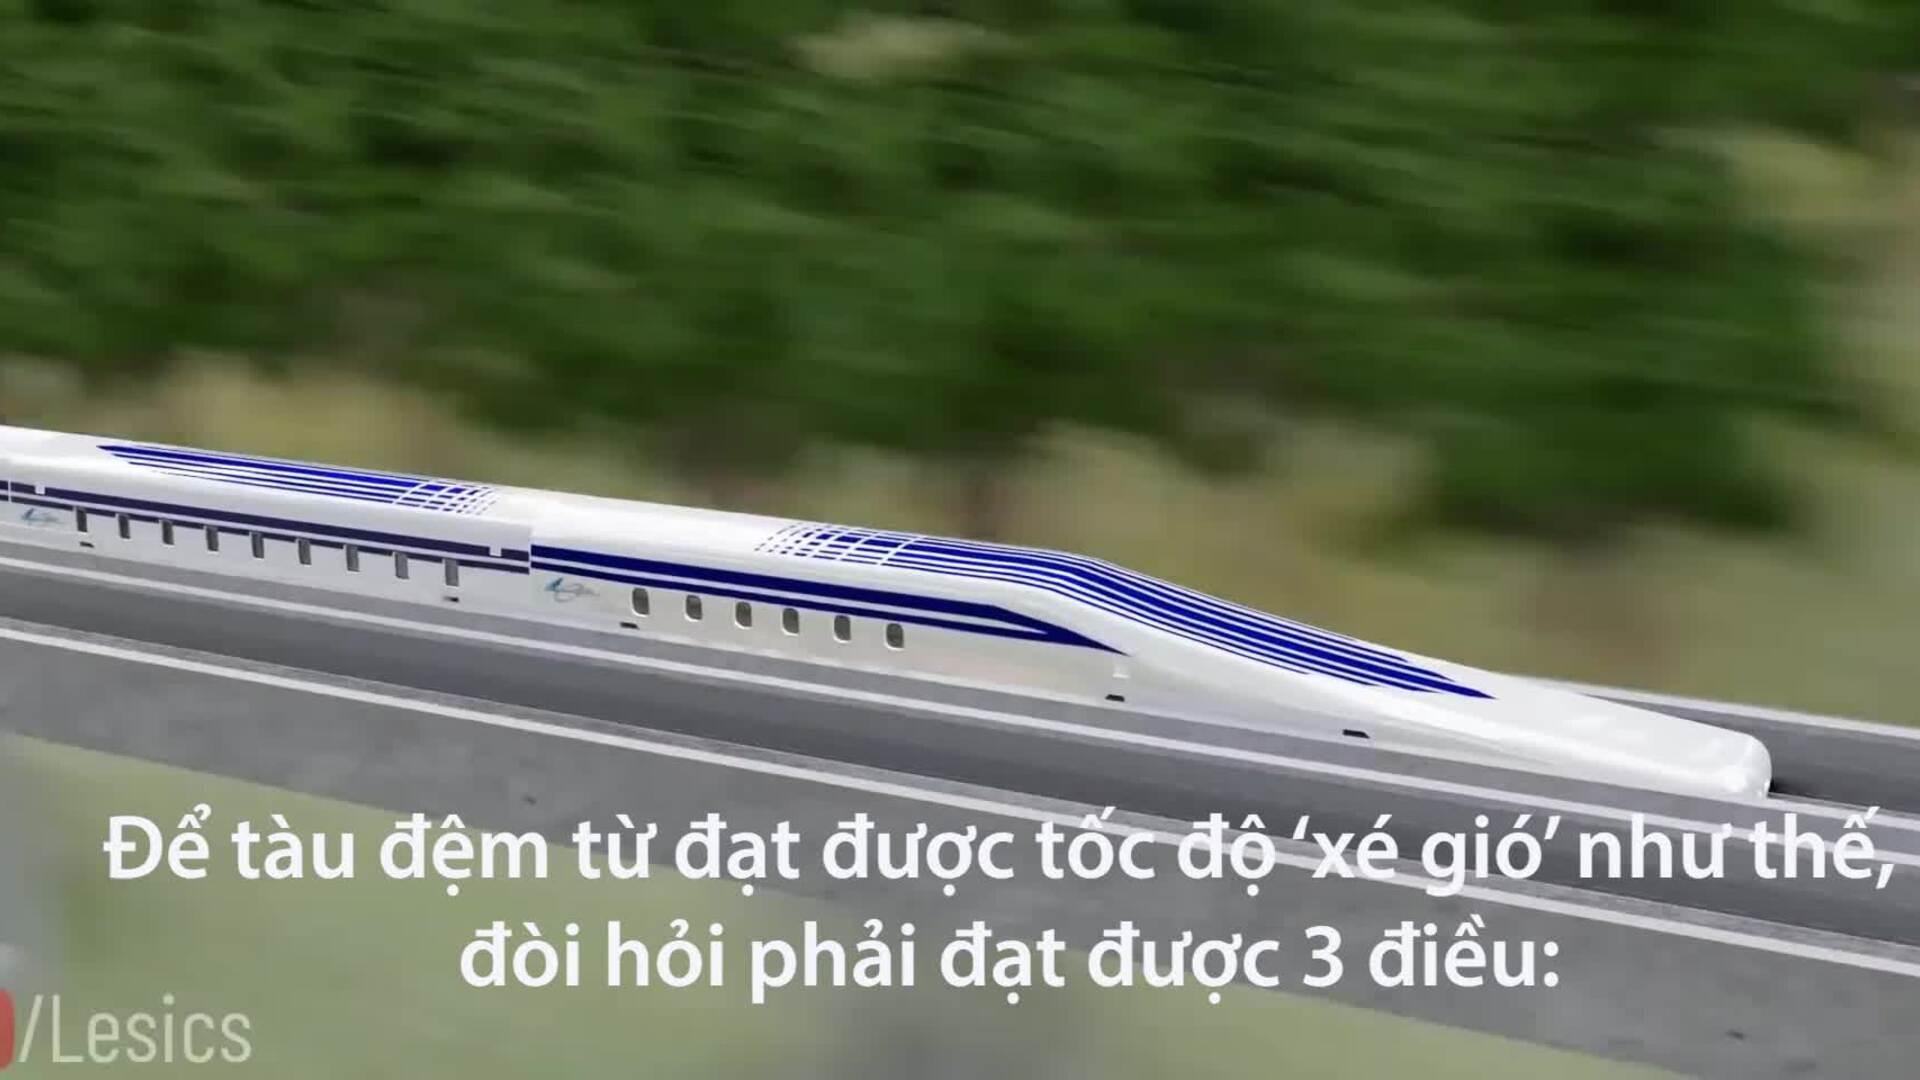 Tàu đệm từ nhanh nhất thế giới chế tạo thế nào?